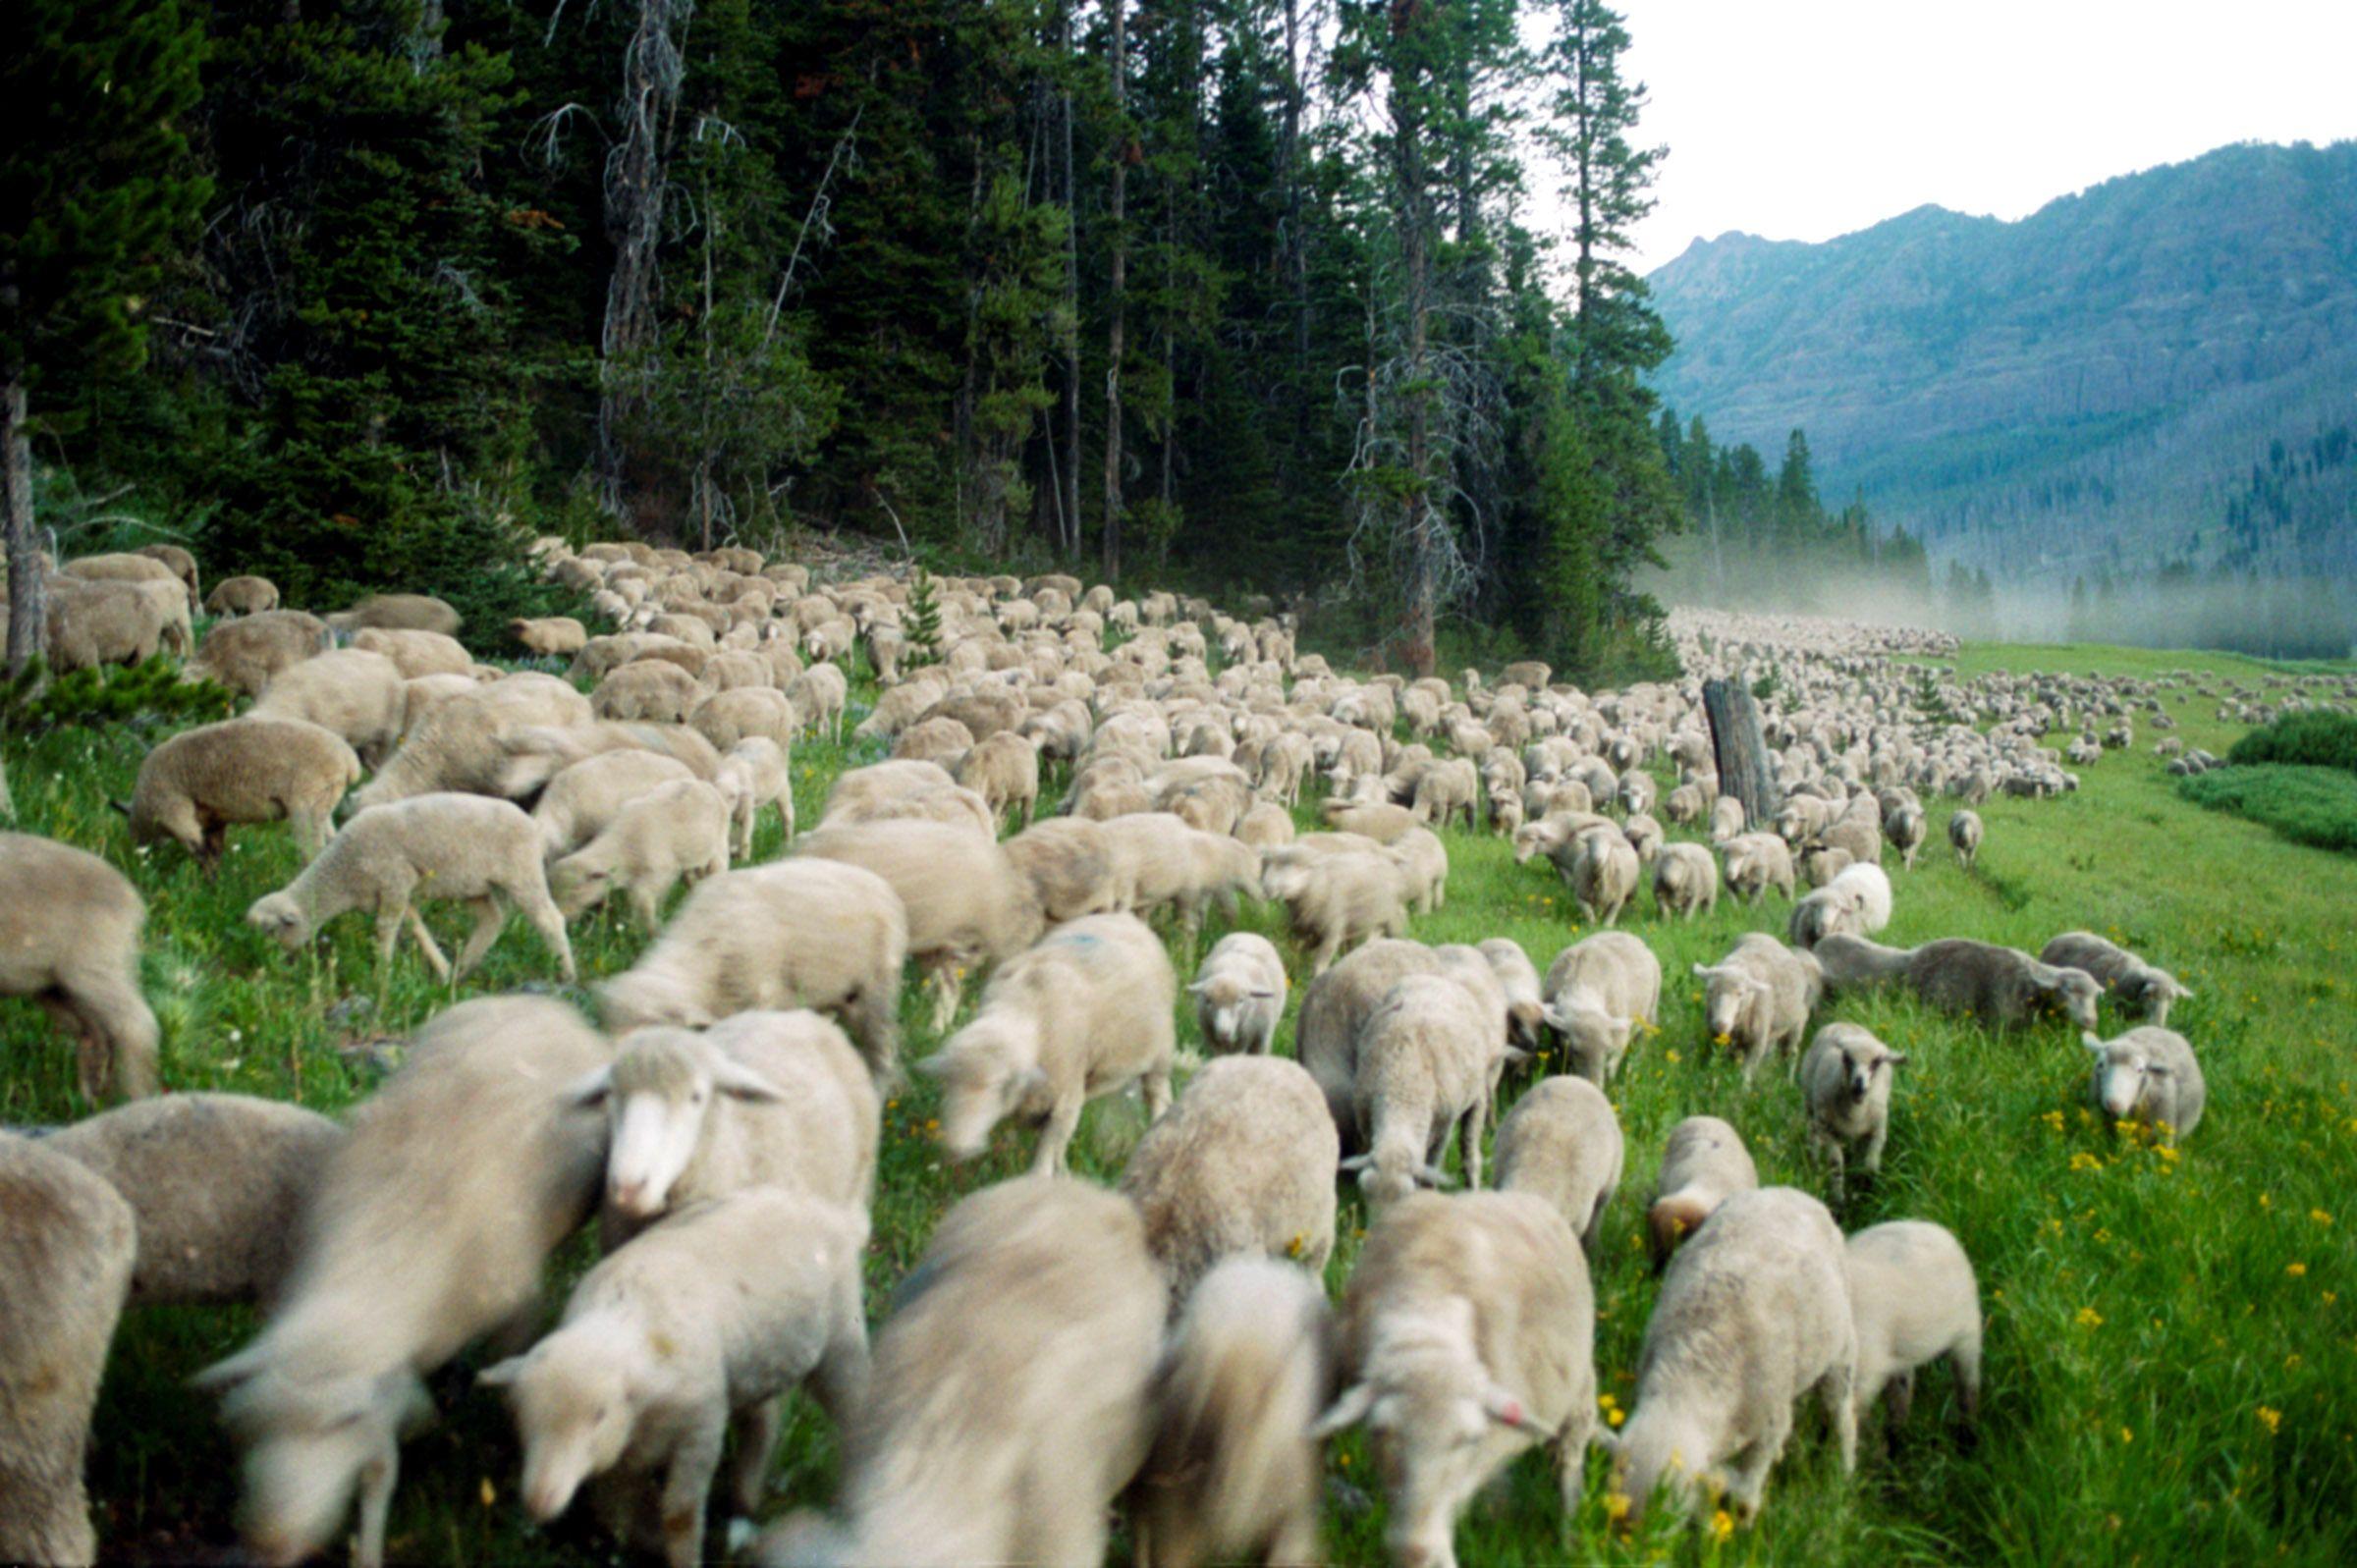 baa baa black sheep netflix